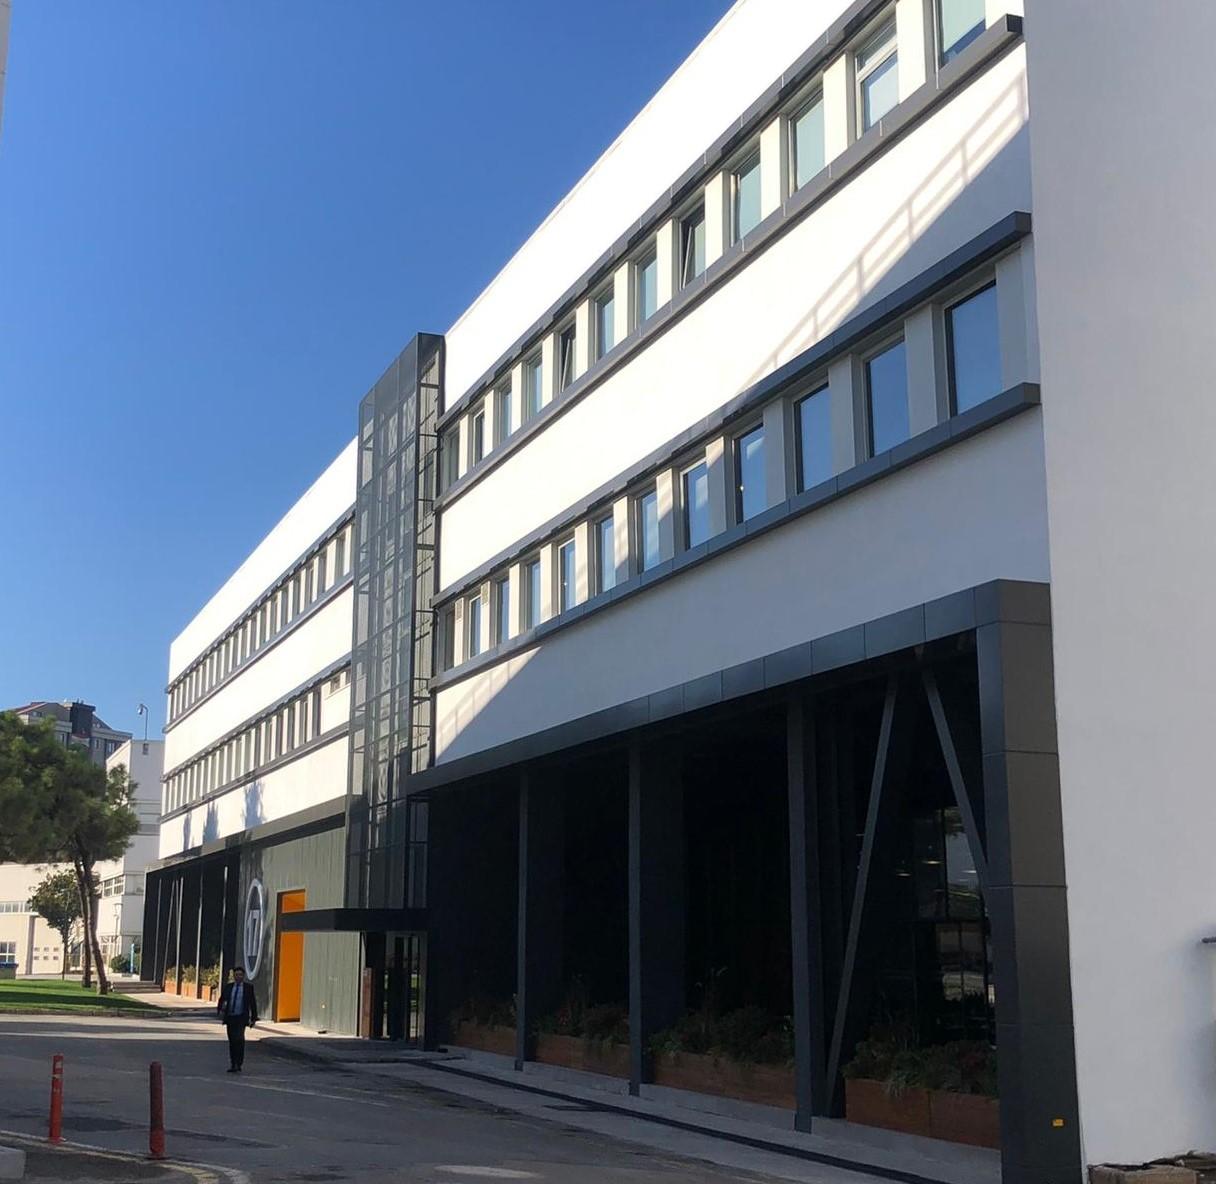 Siemens Yemekhane Binası